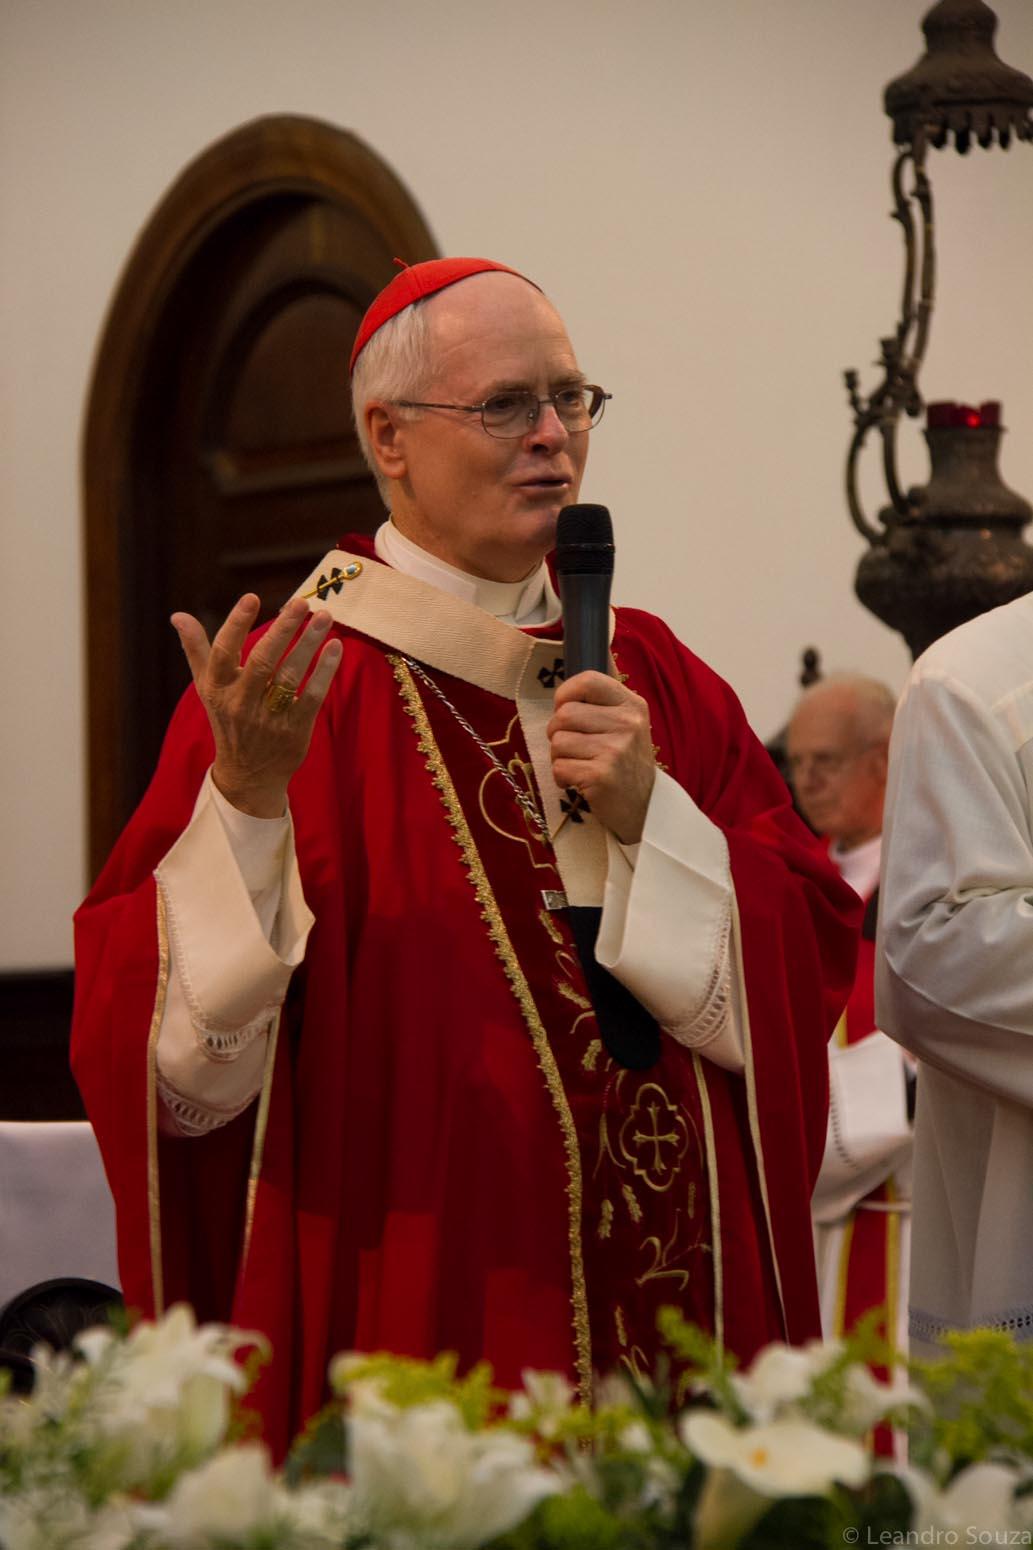 aniversario-de-don-odili-scherer-cardeal-arcebispo-de-sao-paulo-foto-arautos-do-evangelho-ls-blog-arautos-do-evangelho-divina-providencia-3